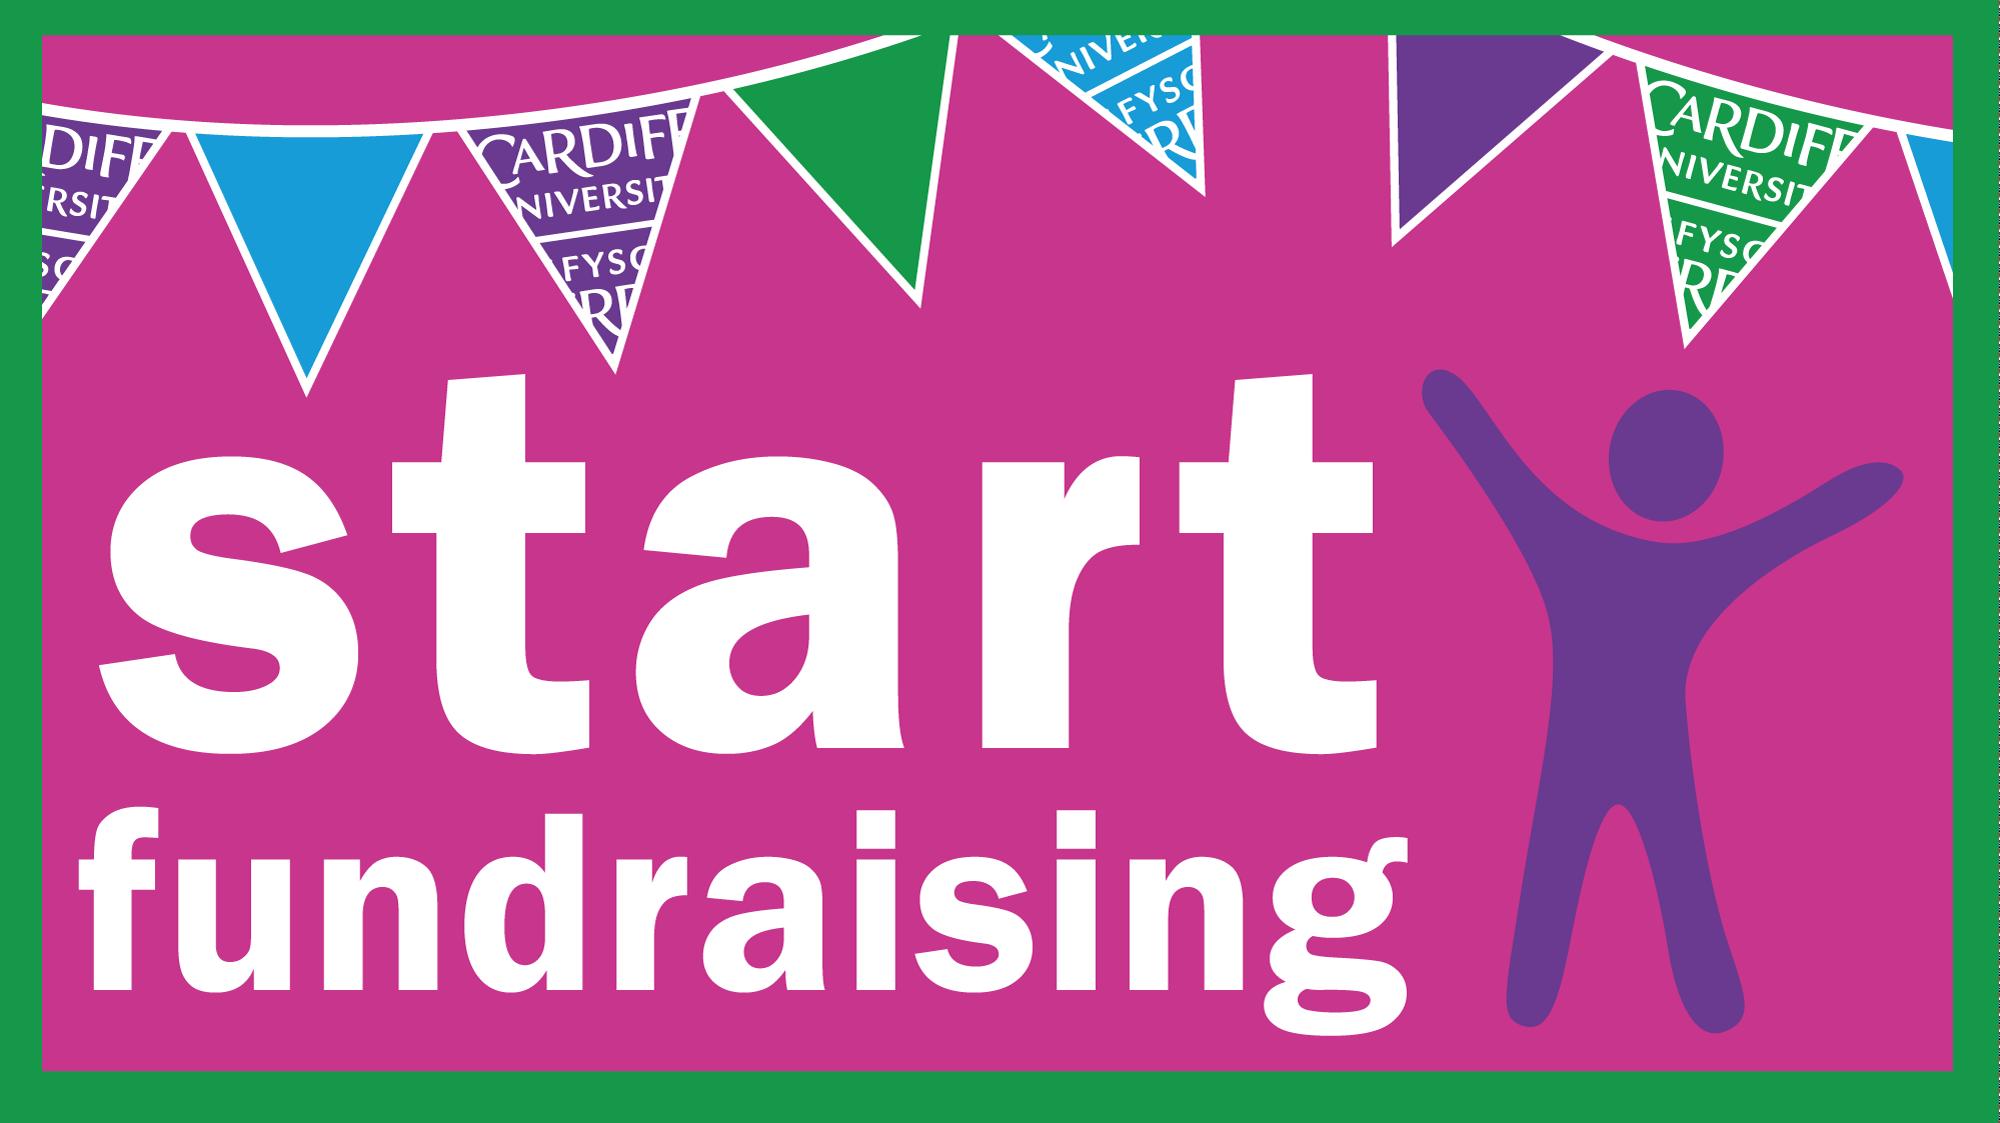 Start fundraising banner image